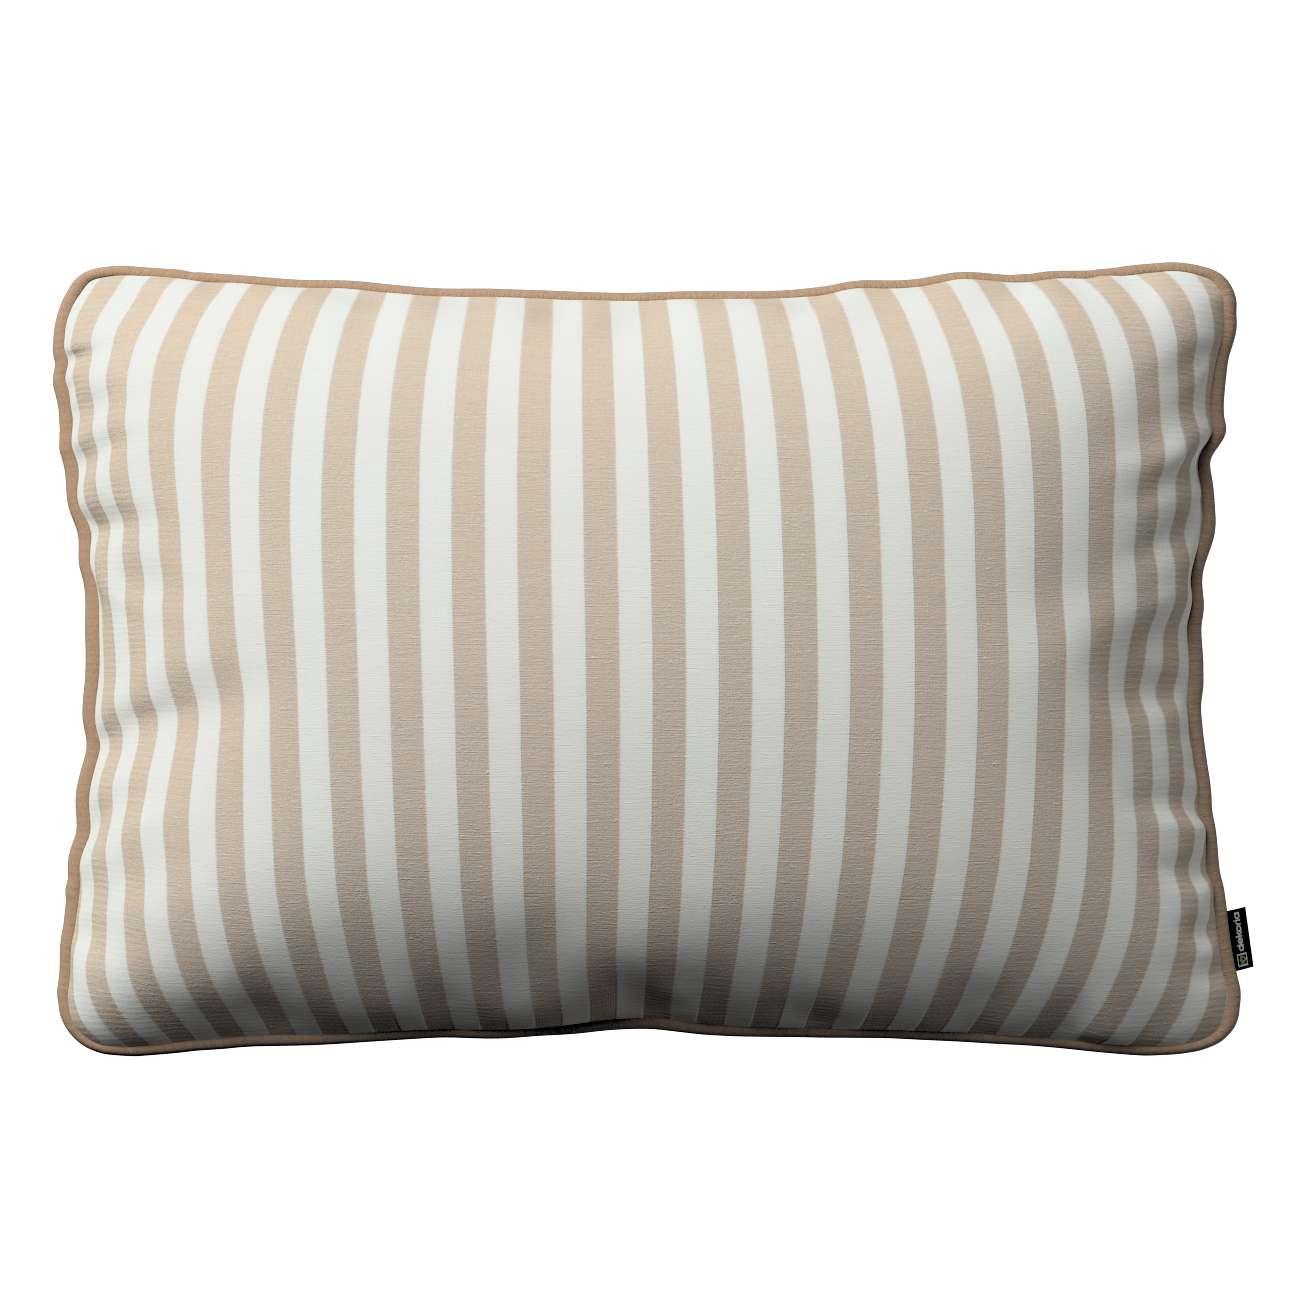 Poszewka Gabi na poduszkę prostokątna 60 x 40 cm w kolekcji Quadro, tkanina: 136-07